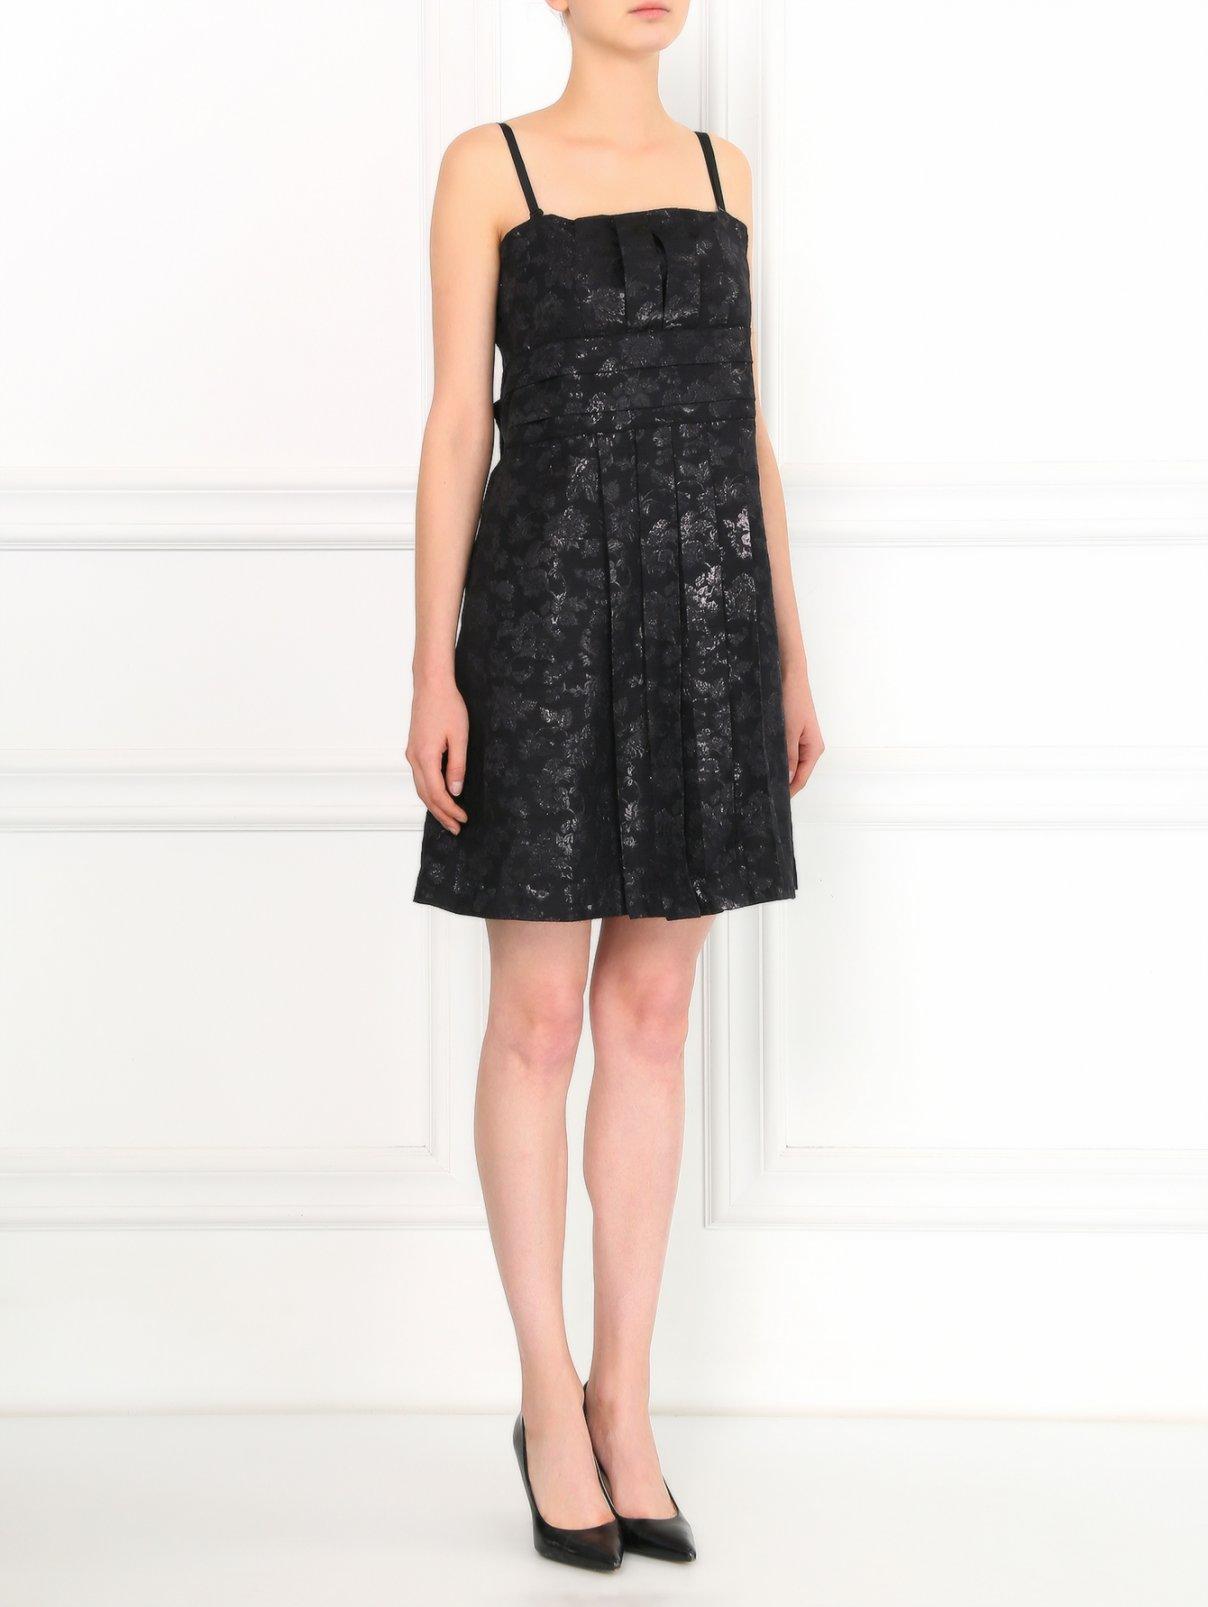 Платье-мини на съемных бретелях с декоративным бантом на спине Mariella Burani  –  Модель Общий вид  – Цвет:  Черный